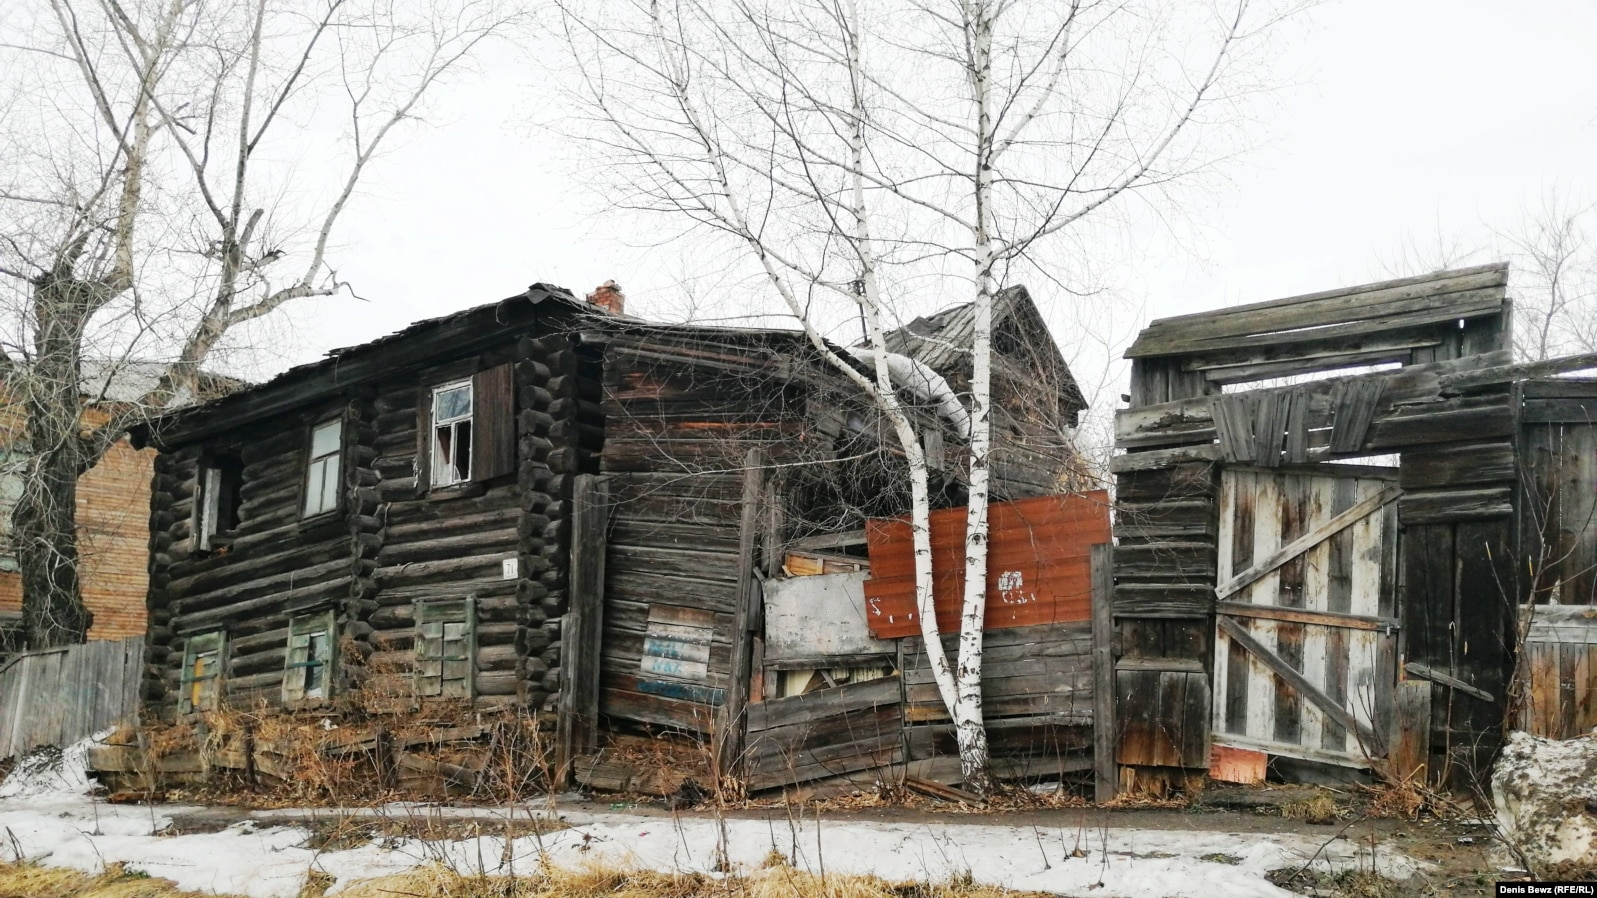 Самый старый деревянный дом в Томске. Улица Октябрьская, 71